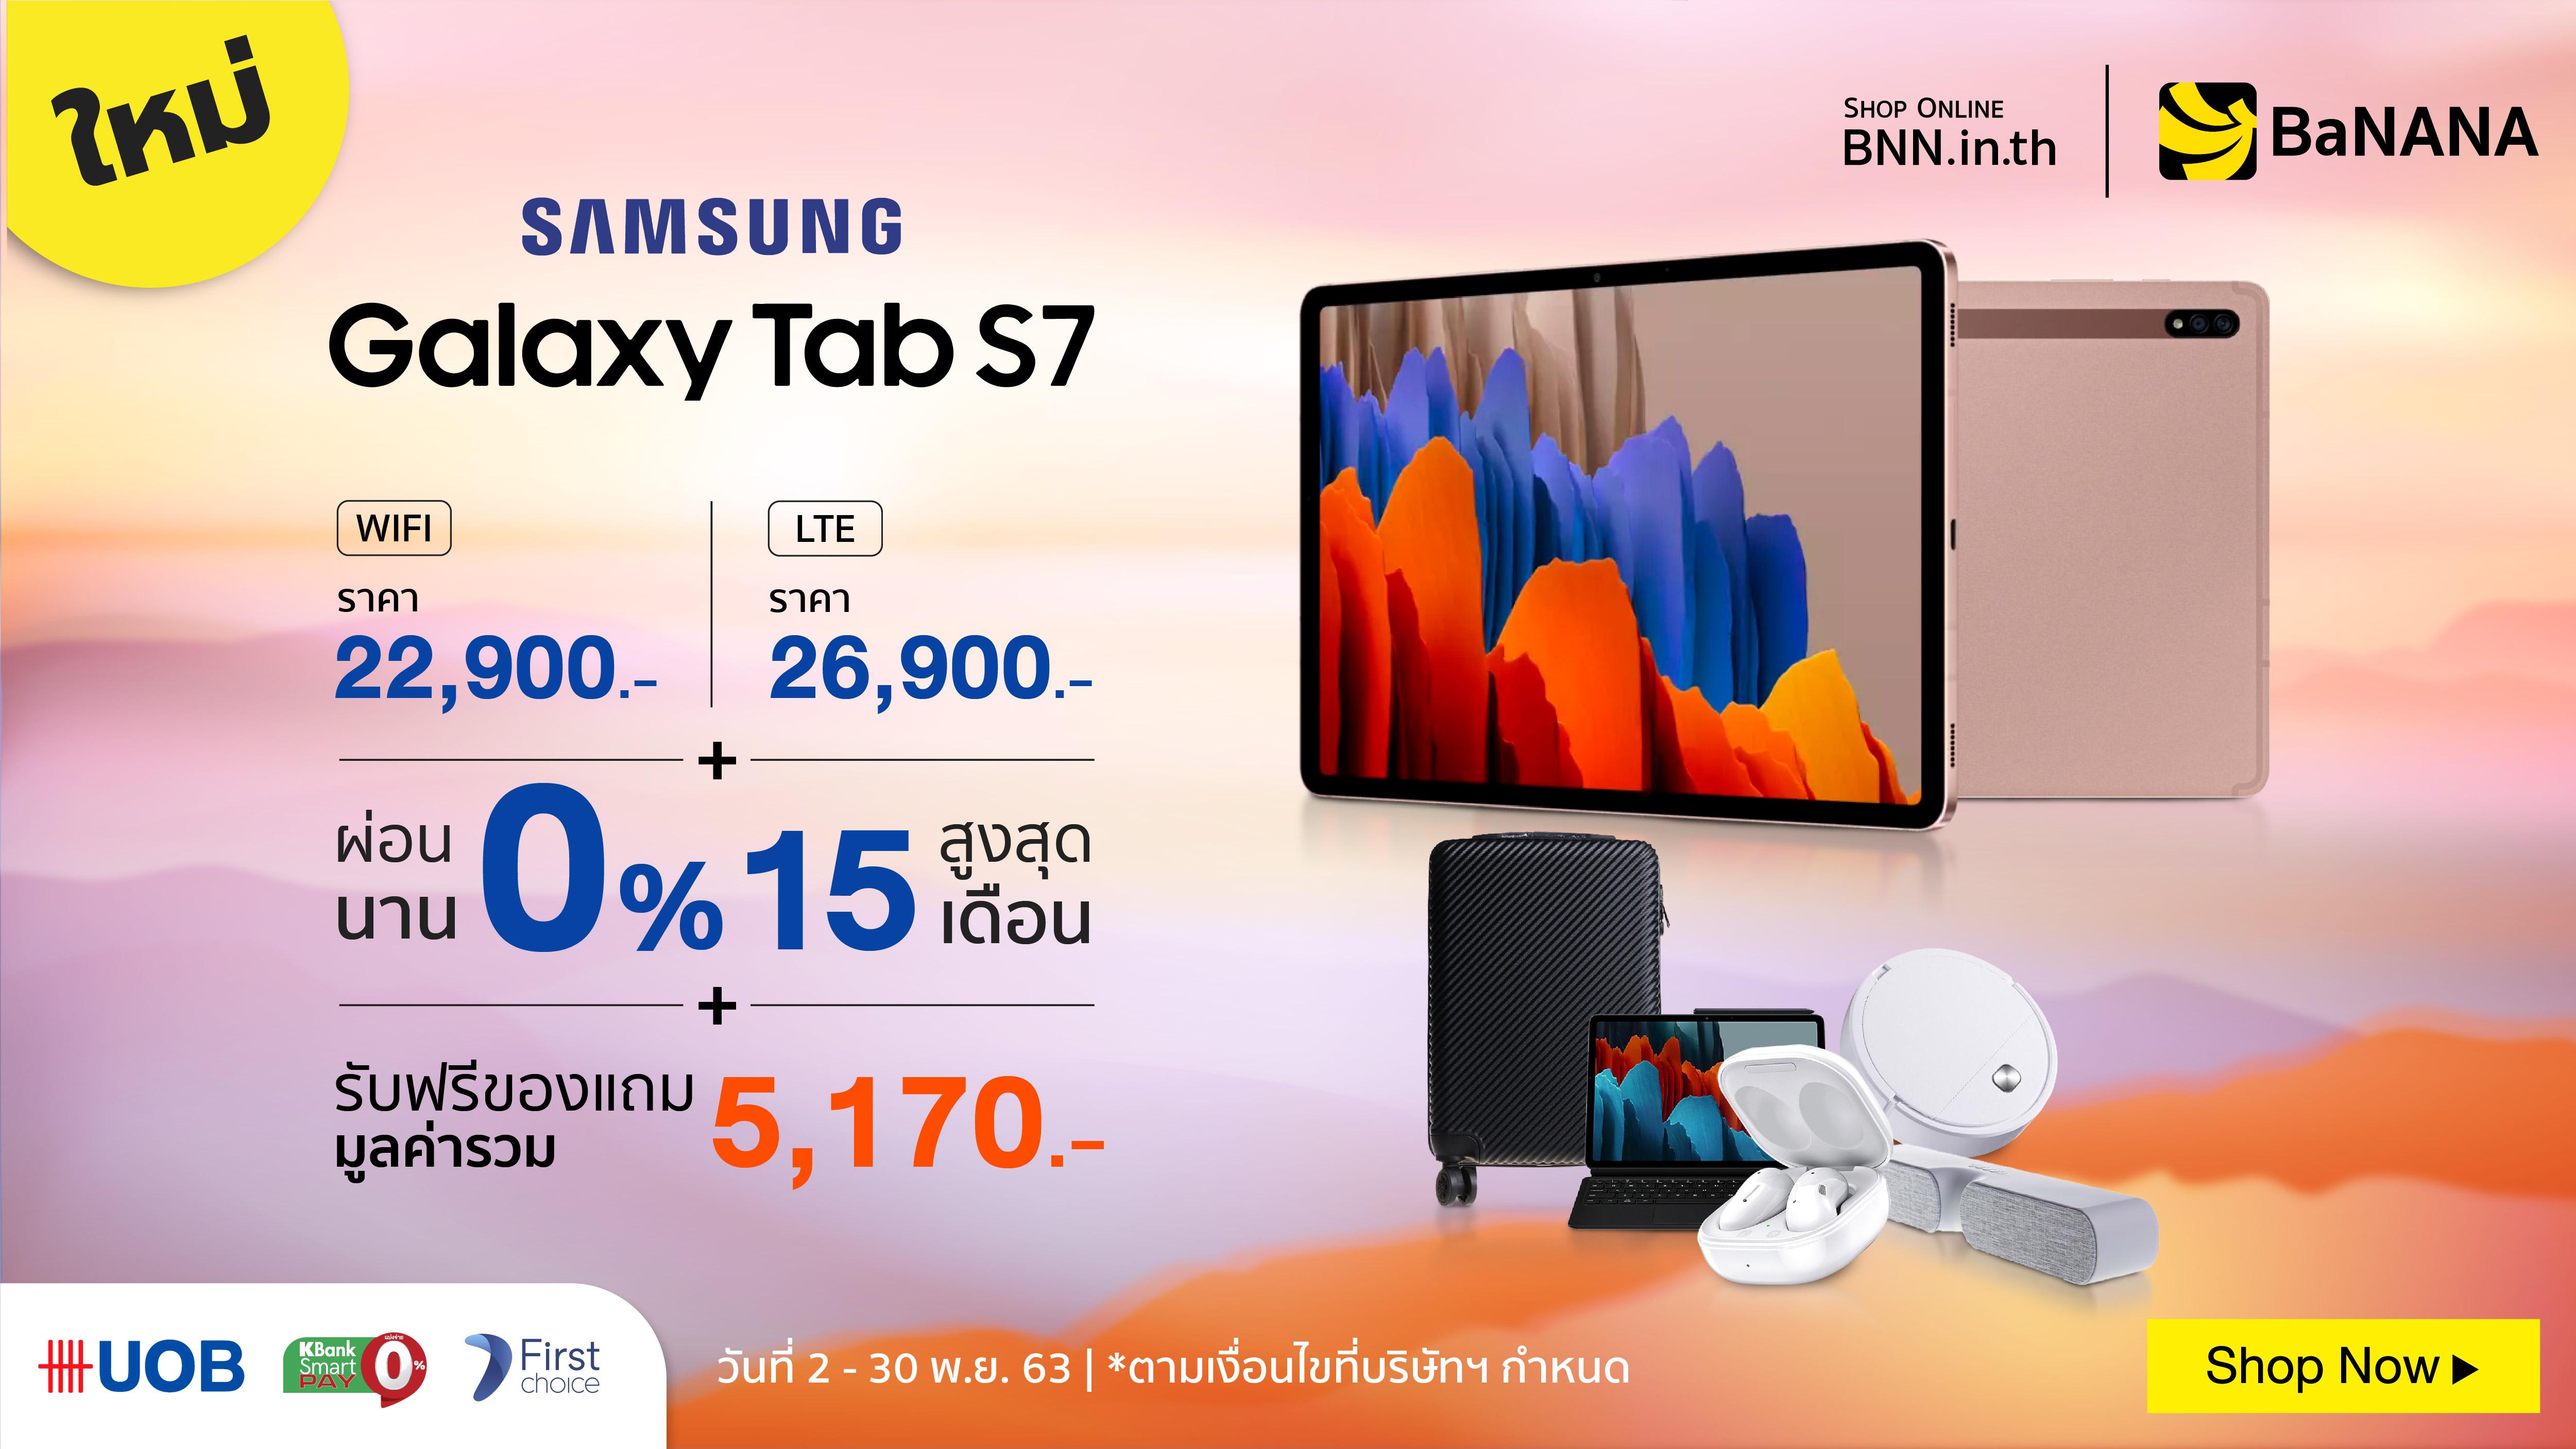 bnn.in.th - Samsung Tablet Galaxy Tab S7 Wi-Fi  LTE _2-30 Nov 20